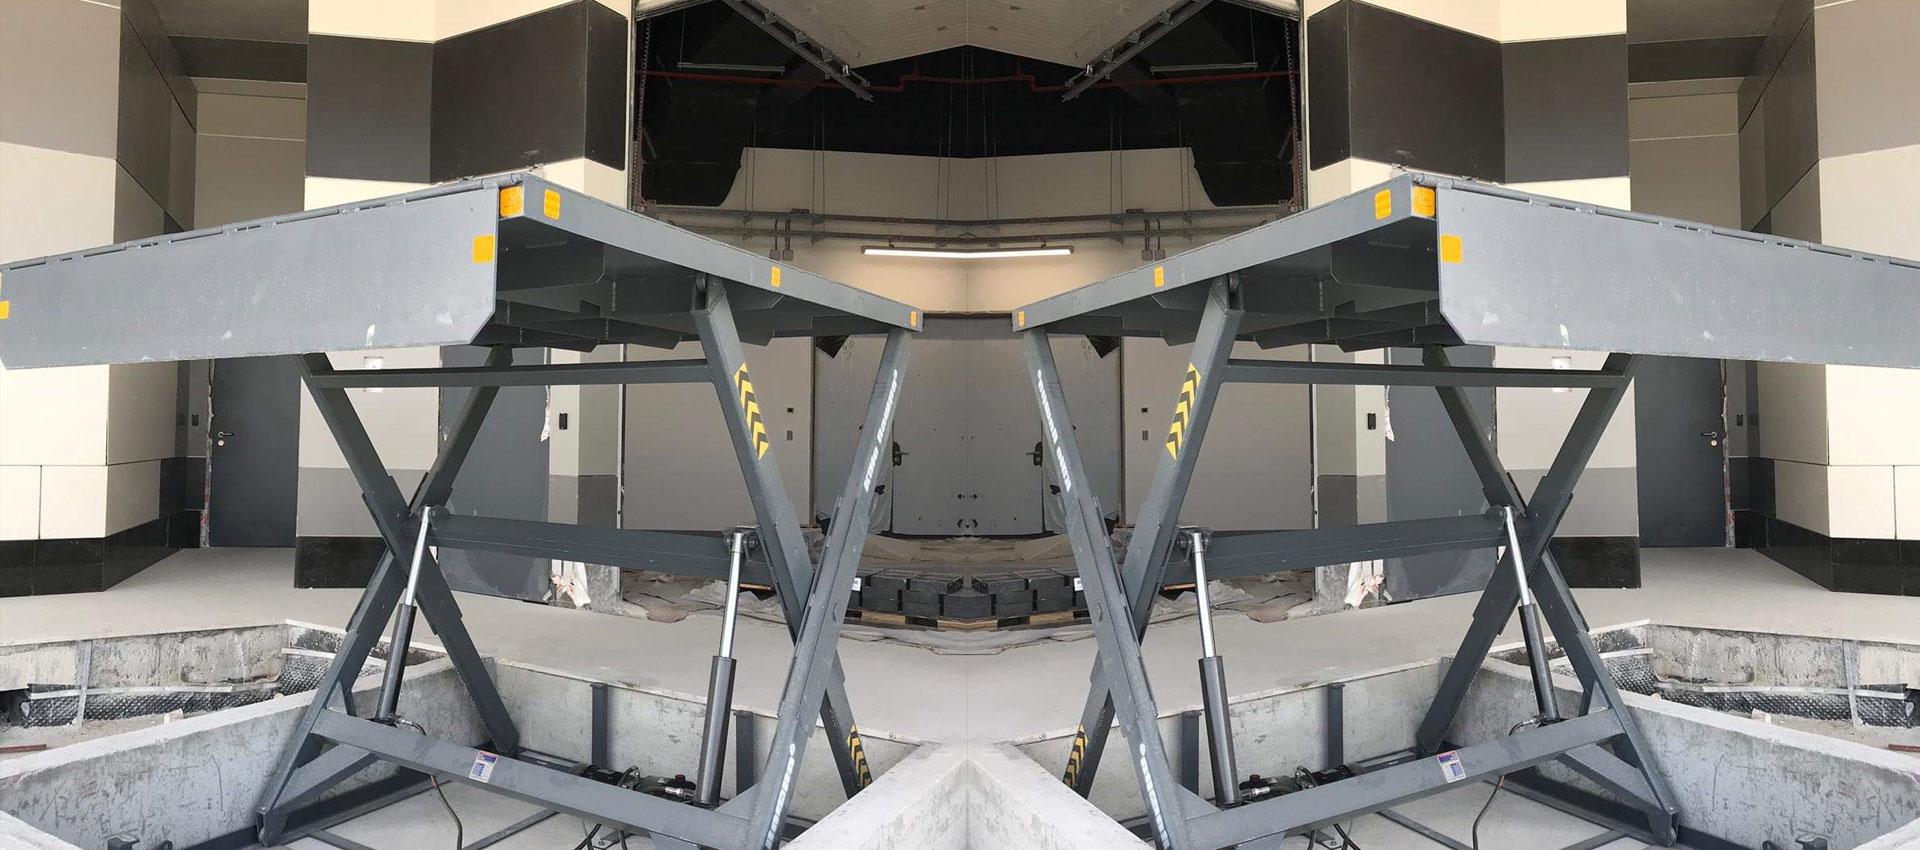 yigit-hidrolik-yukleme-platformu